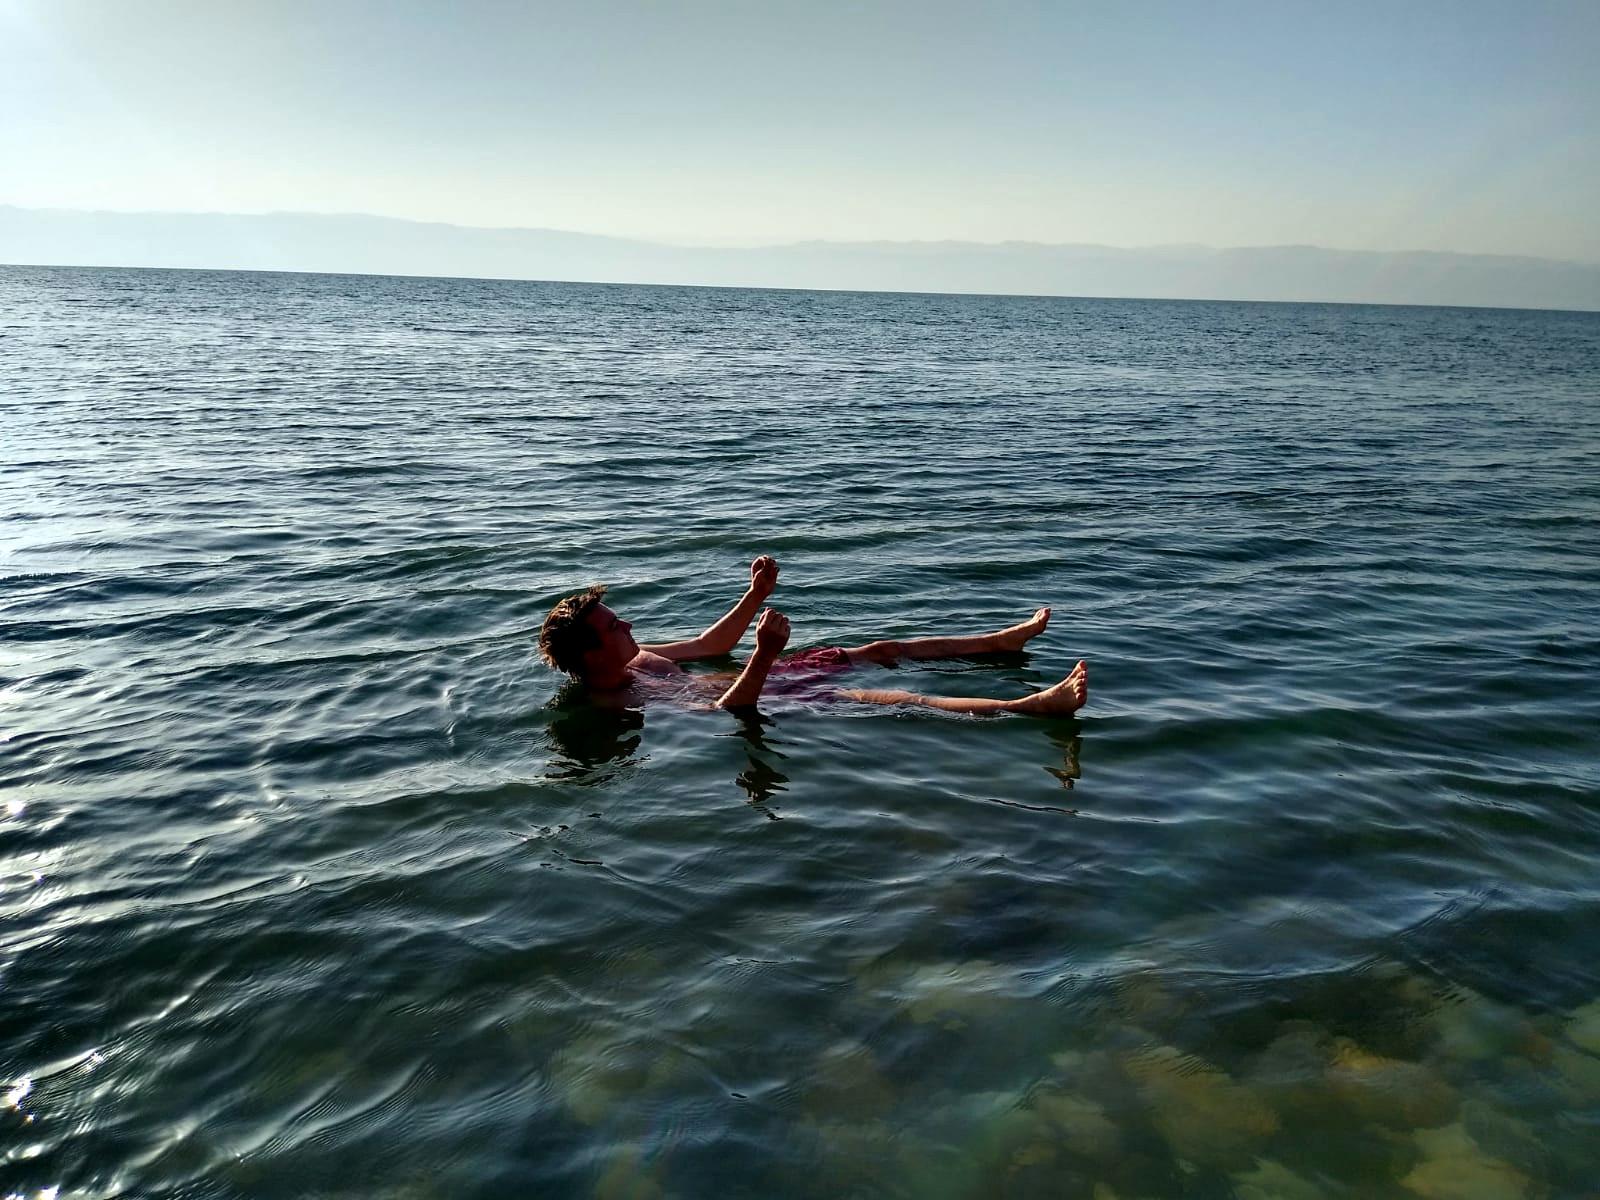 Relaxing at the Dead Sea #Jordan #DAAD #Correspondent #TotesMeer #ErlebeEs